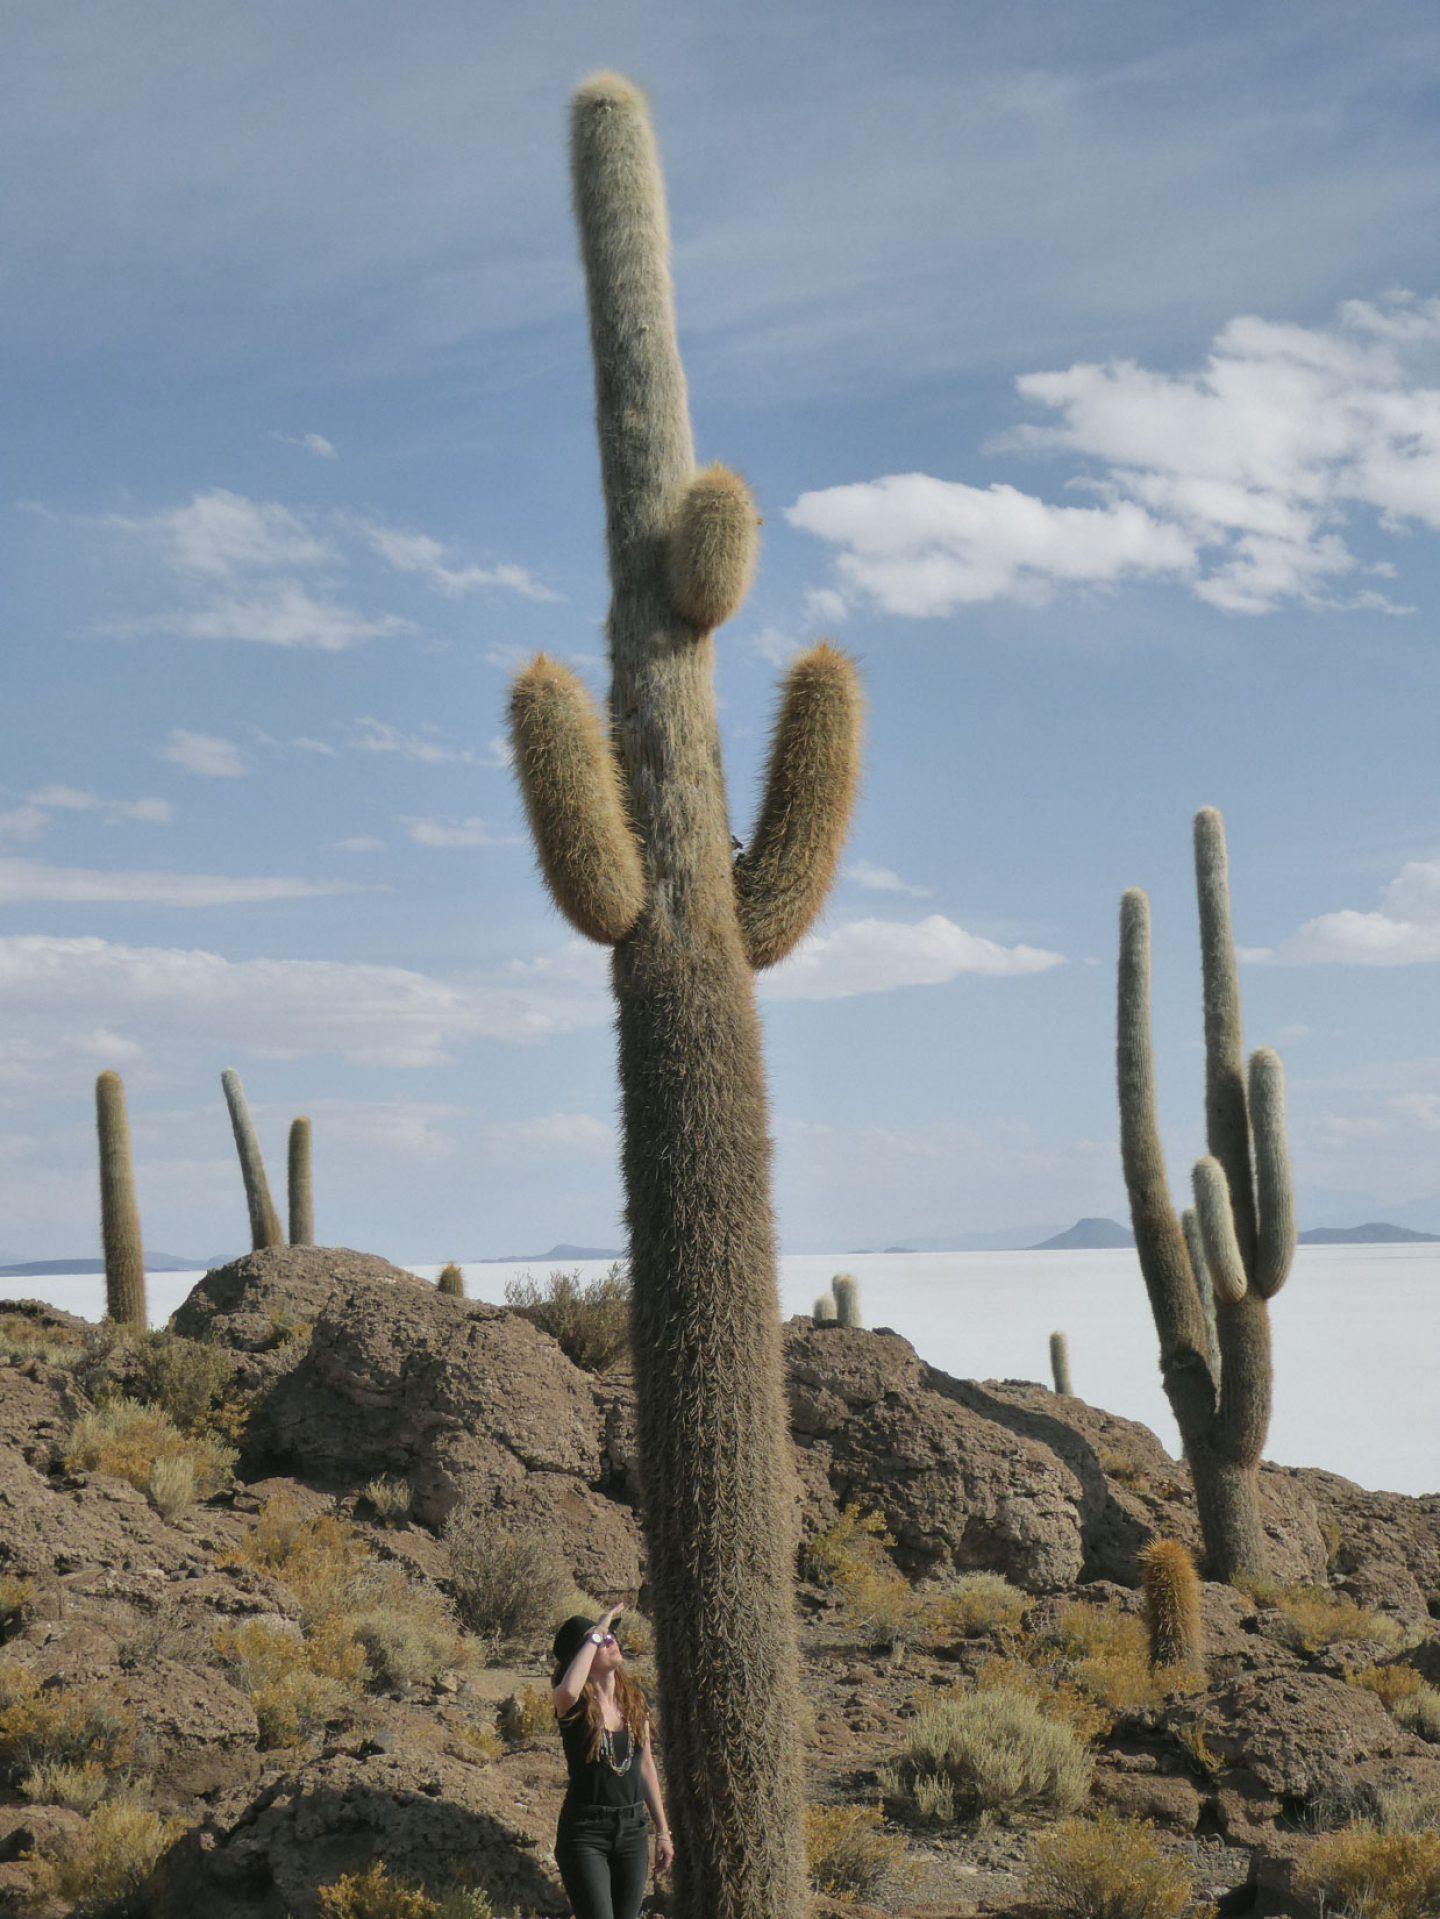 iGNANT_OnThe Road_Anke_Nunheim_Bolivia-13